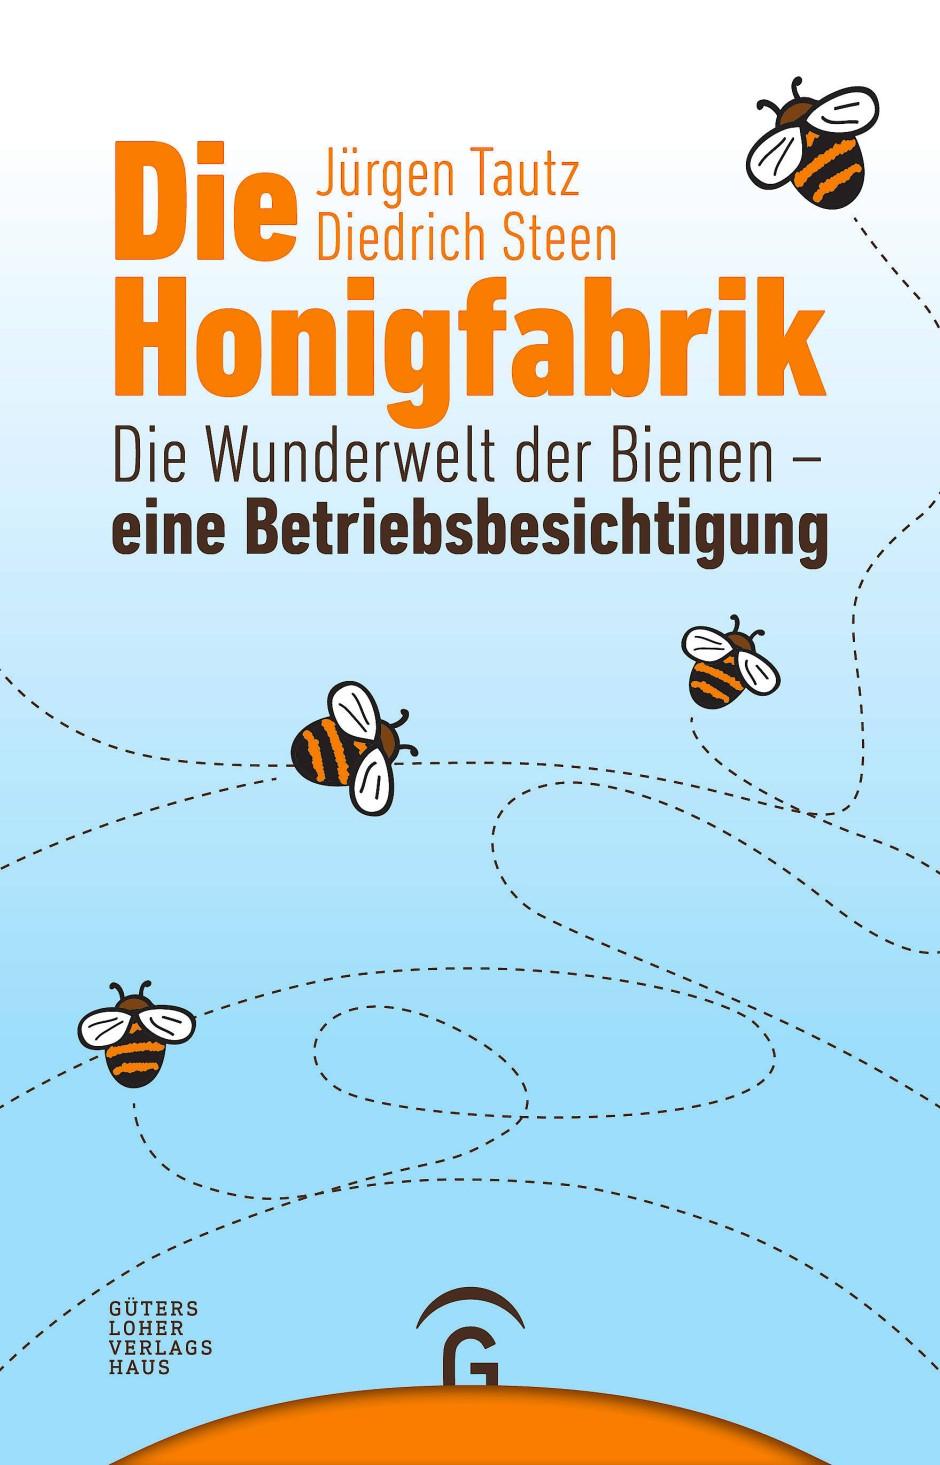 """Jürgen Tautz, Diedrich Steen: """"Die Honigfabrik"""""""